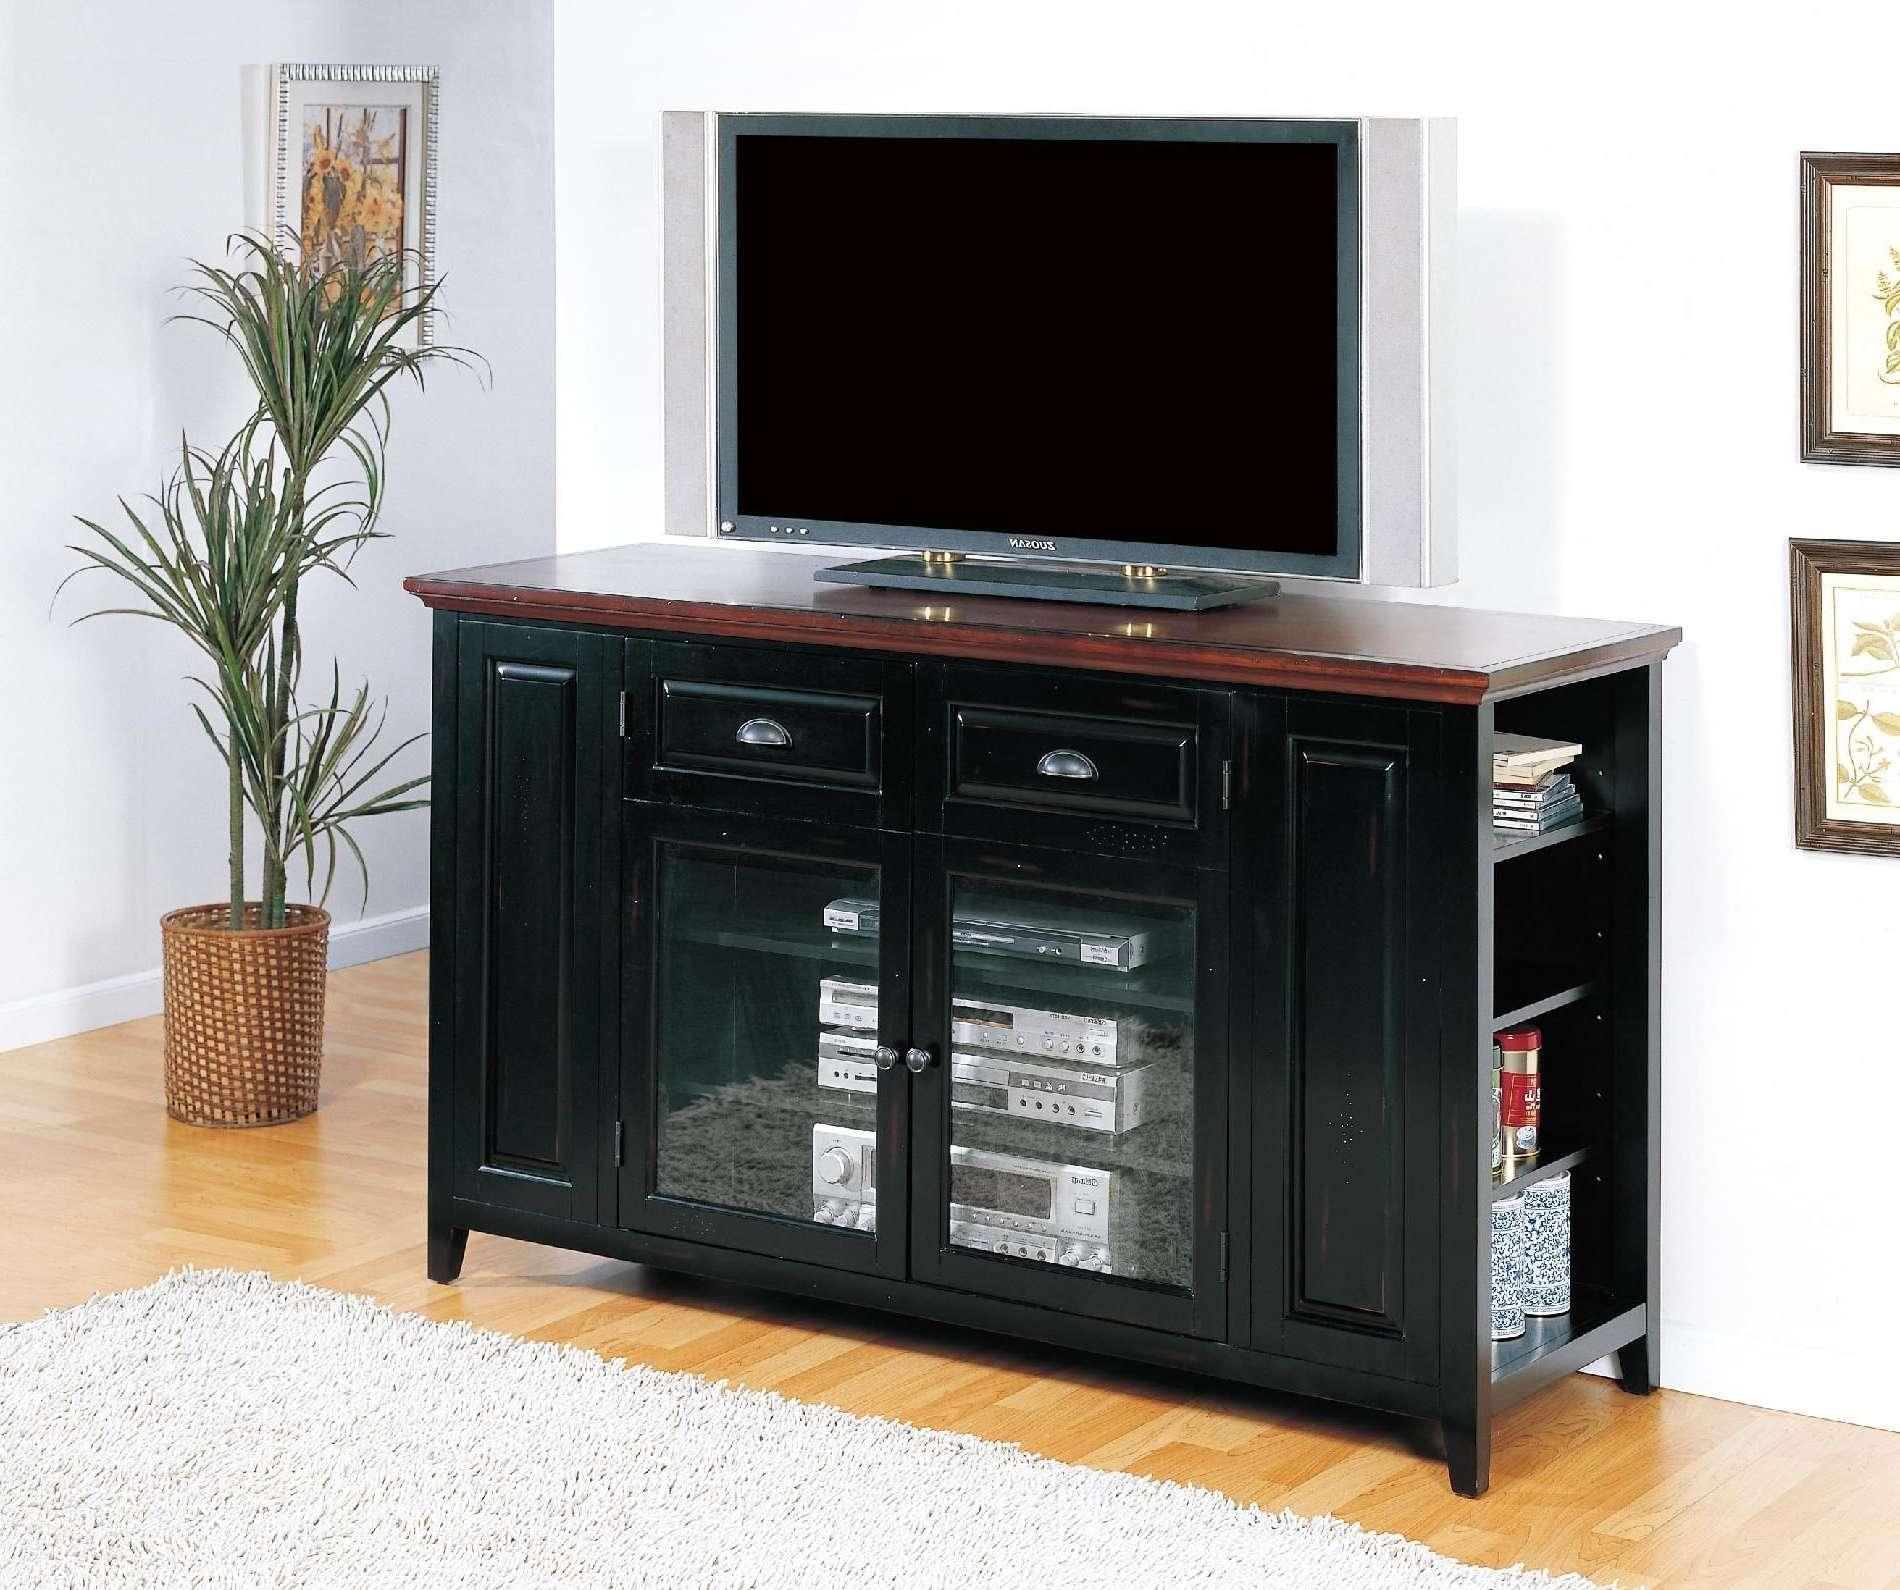 Retro Black Oak Wood Tv Stand With Glass Doors Of Tall Tv Stands With Black Tv Stands With Glass Doors (View 10 of 15)